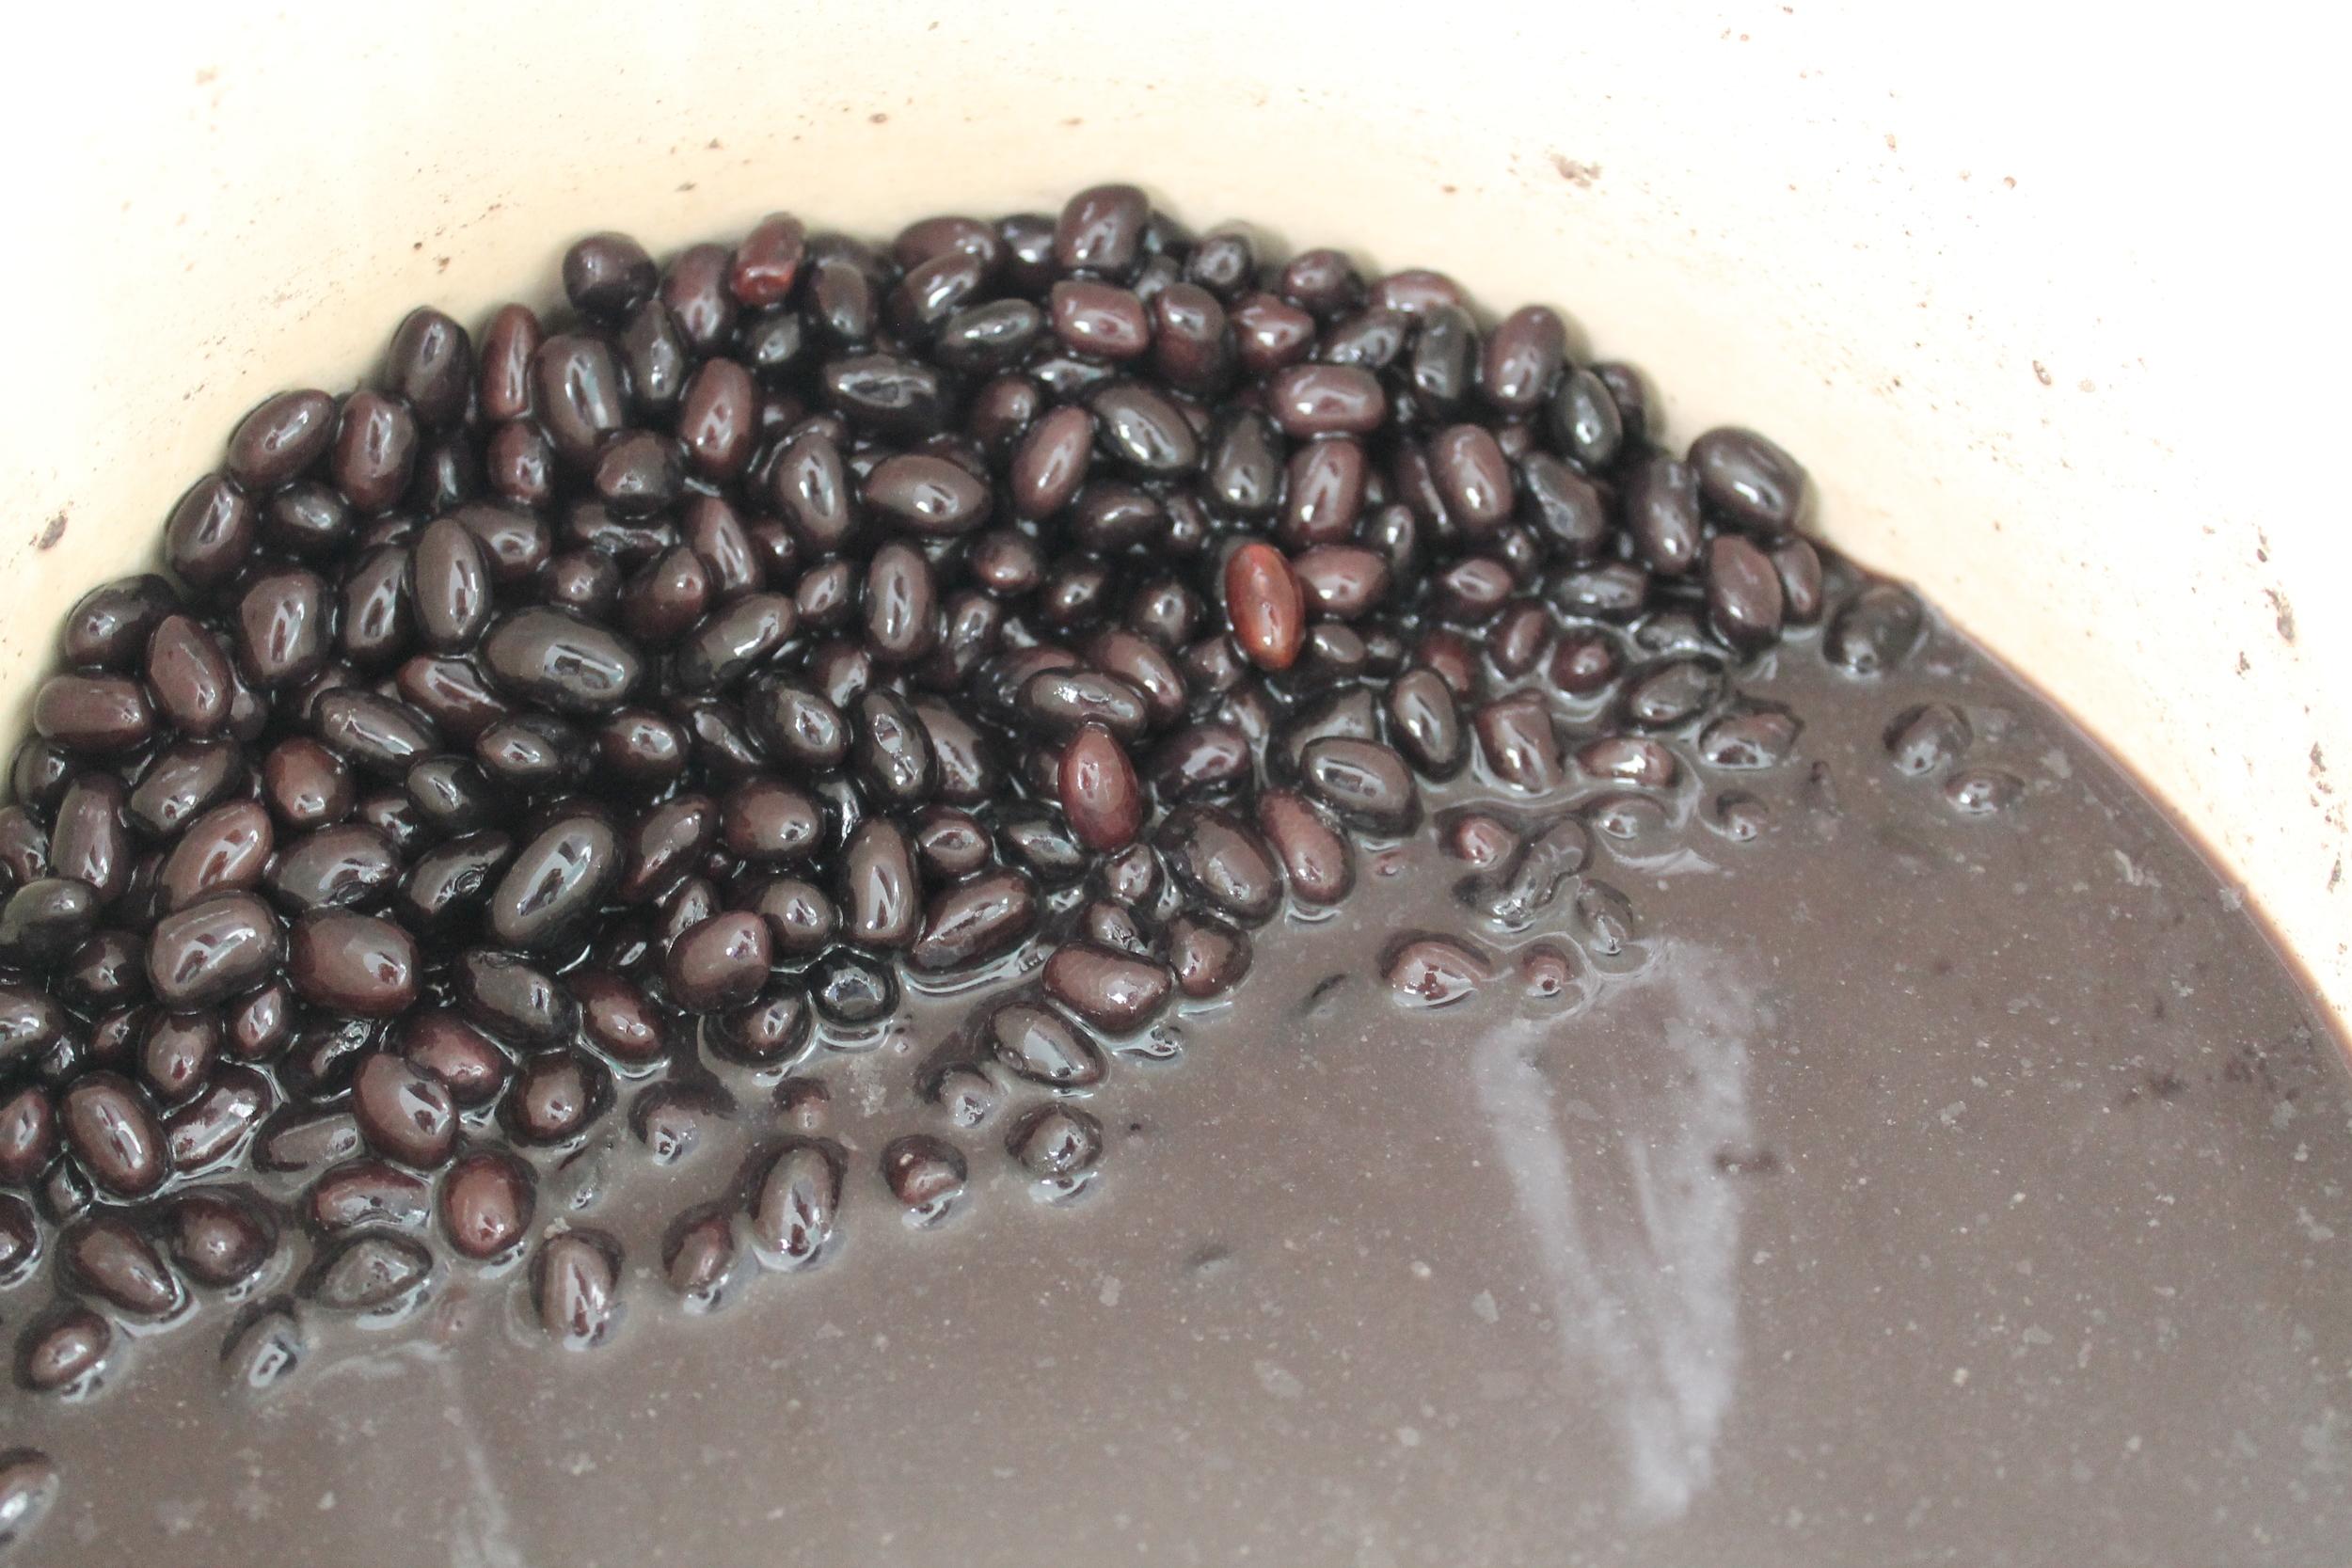 Unstrained par-cooked black beans